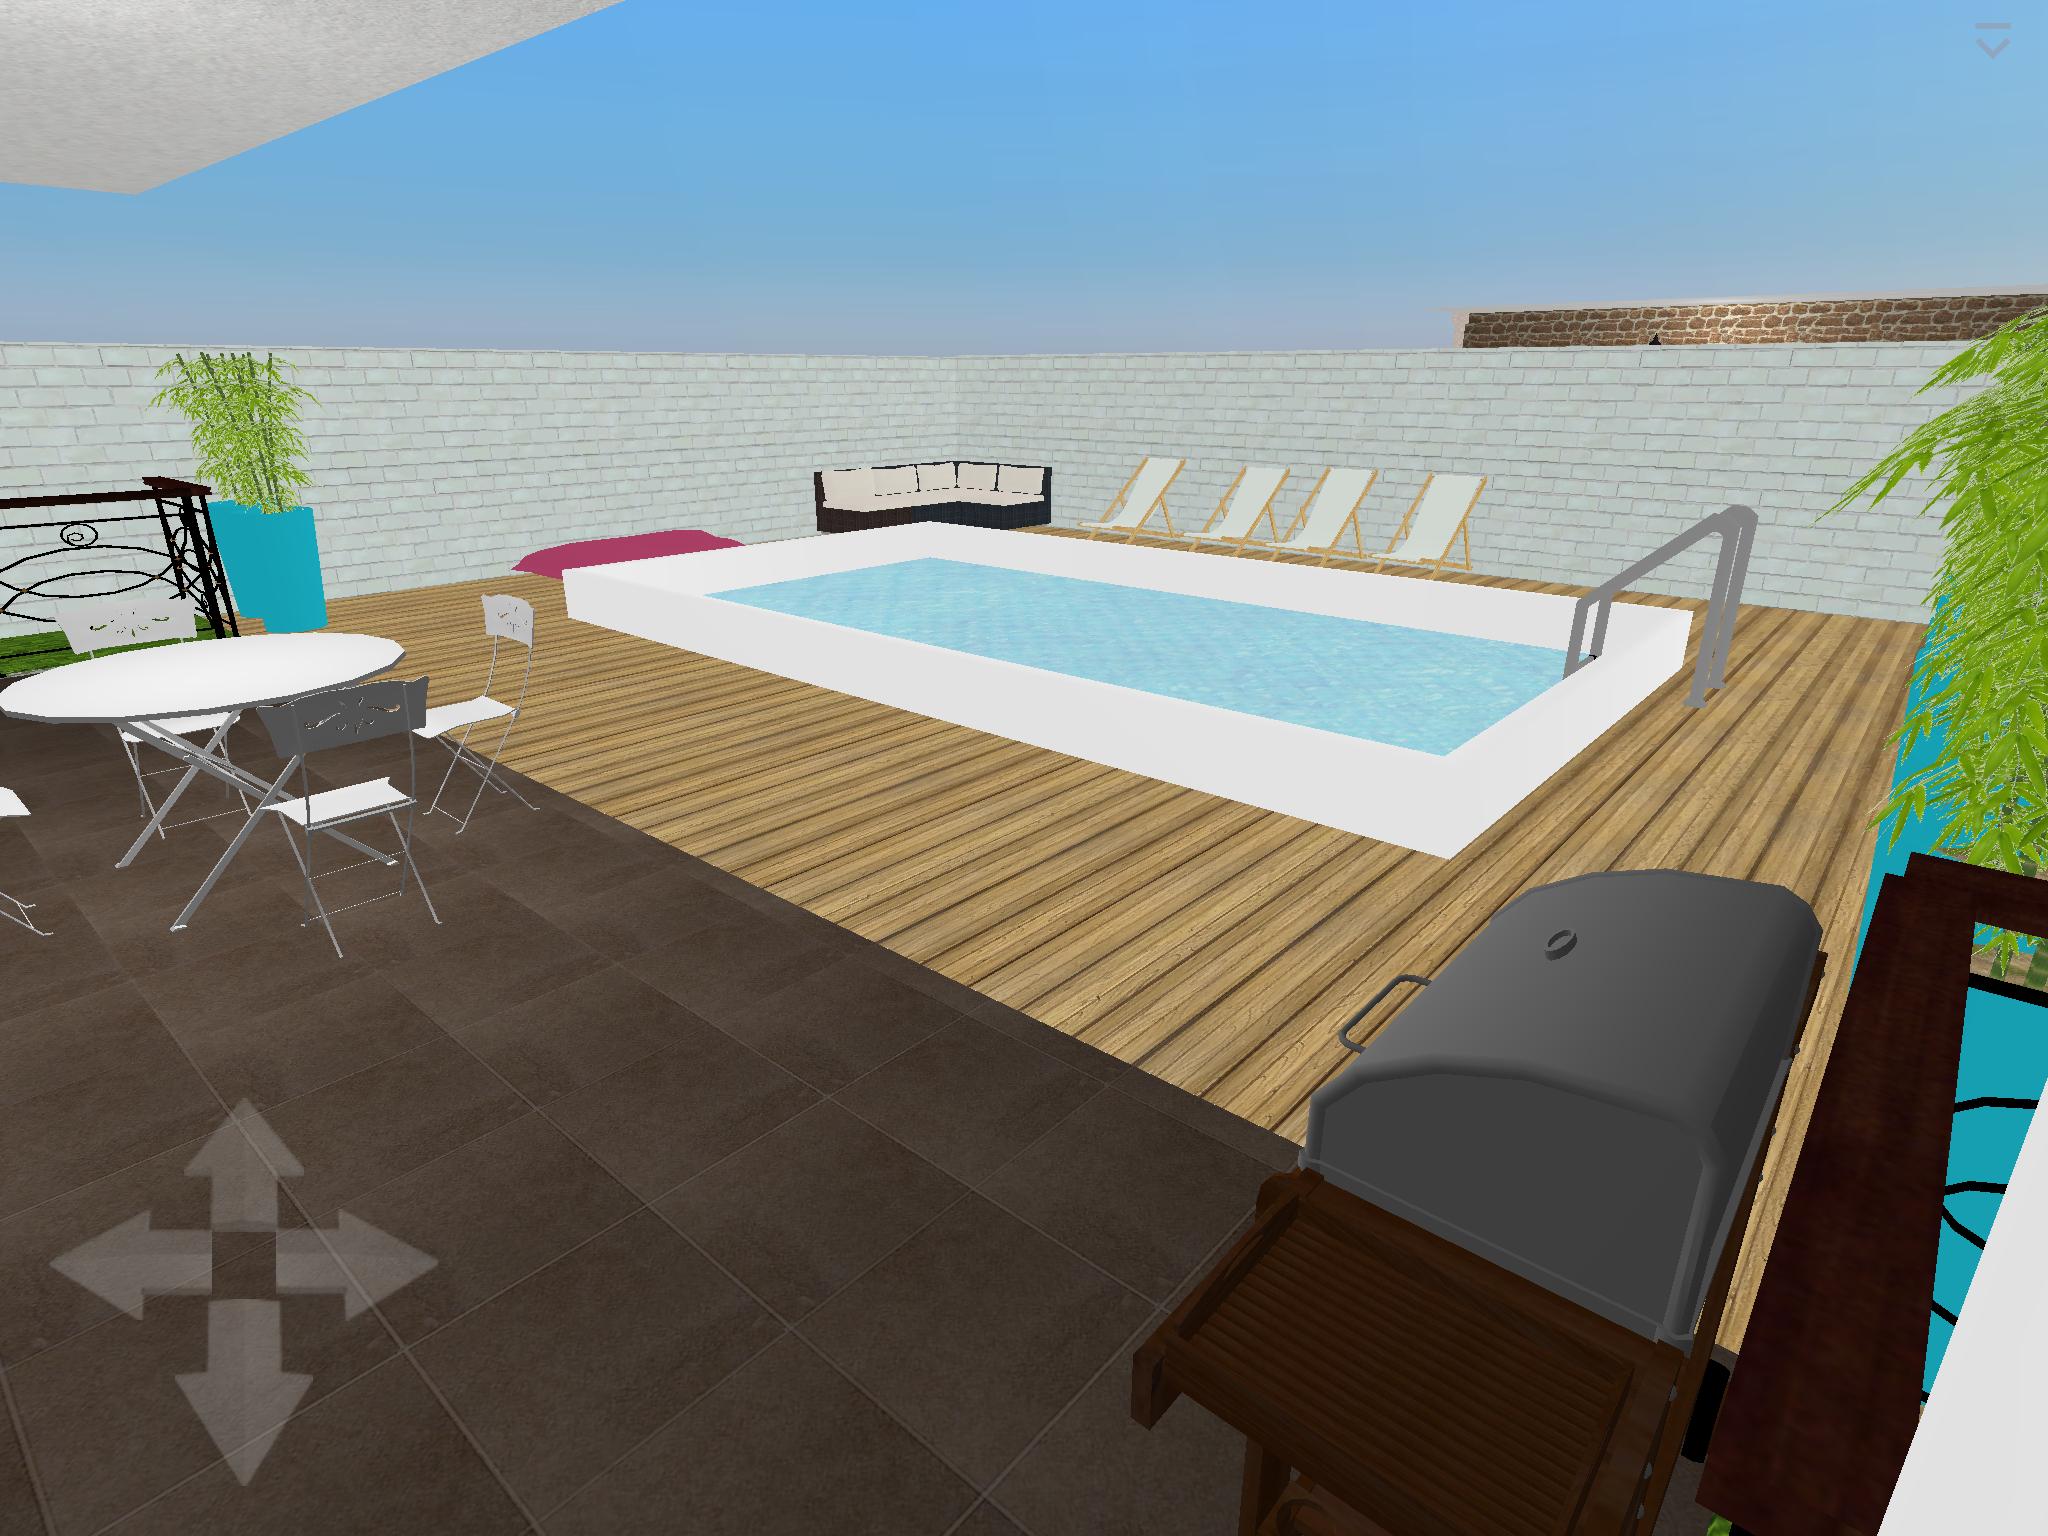 Plan 3D : Piscine+ Terrasse Logiciel : Home Design 3D Gold ... avec Logiciel Maison Jardin Et Terrasse 3D Gratuit